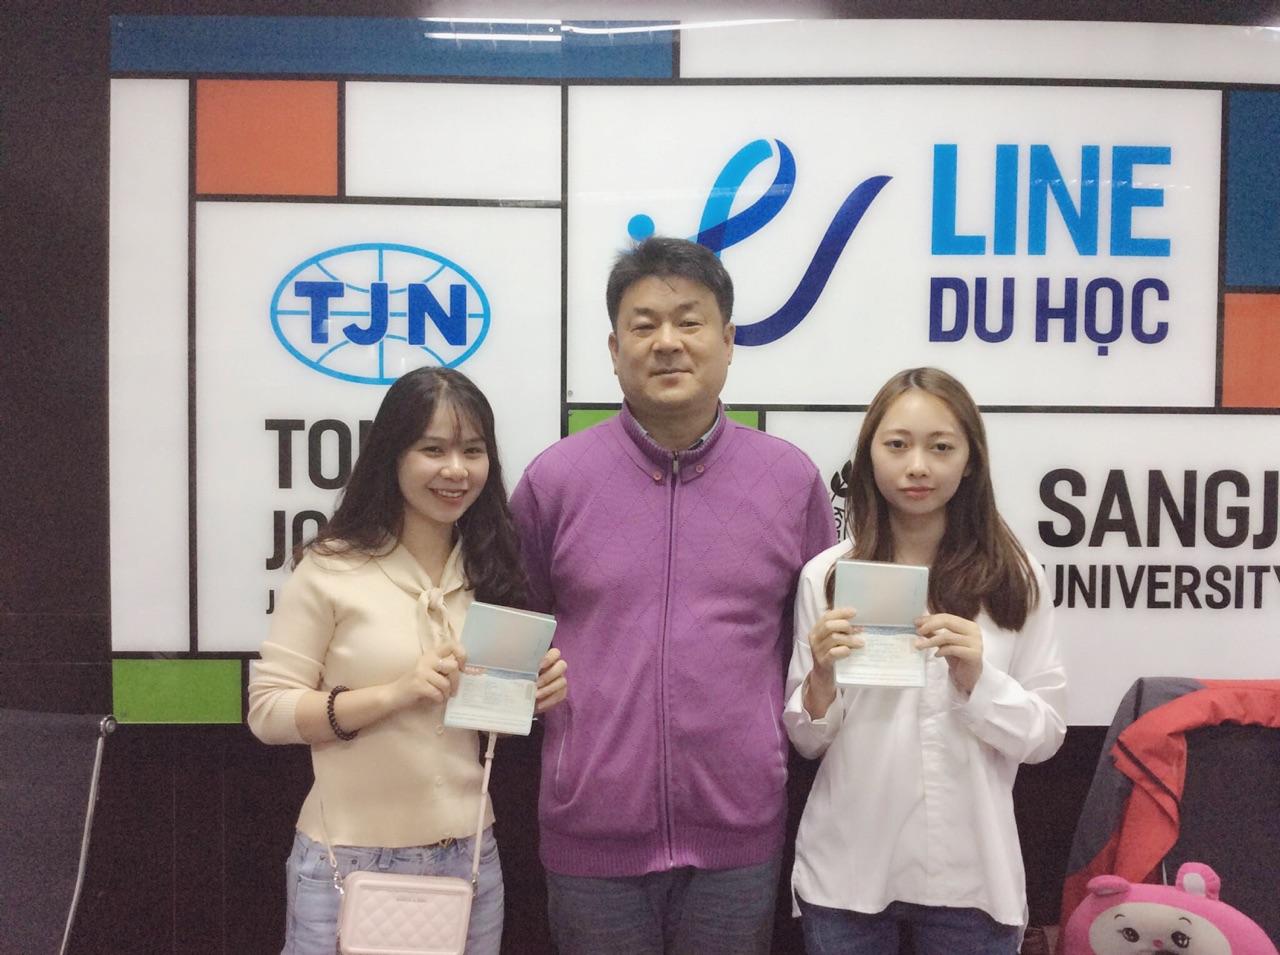 Du học sinh Line nhận visa du học đại học Dongguk kỳ tháng 3